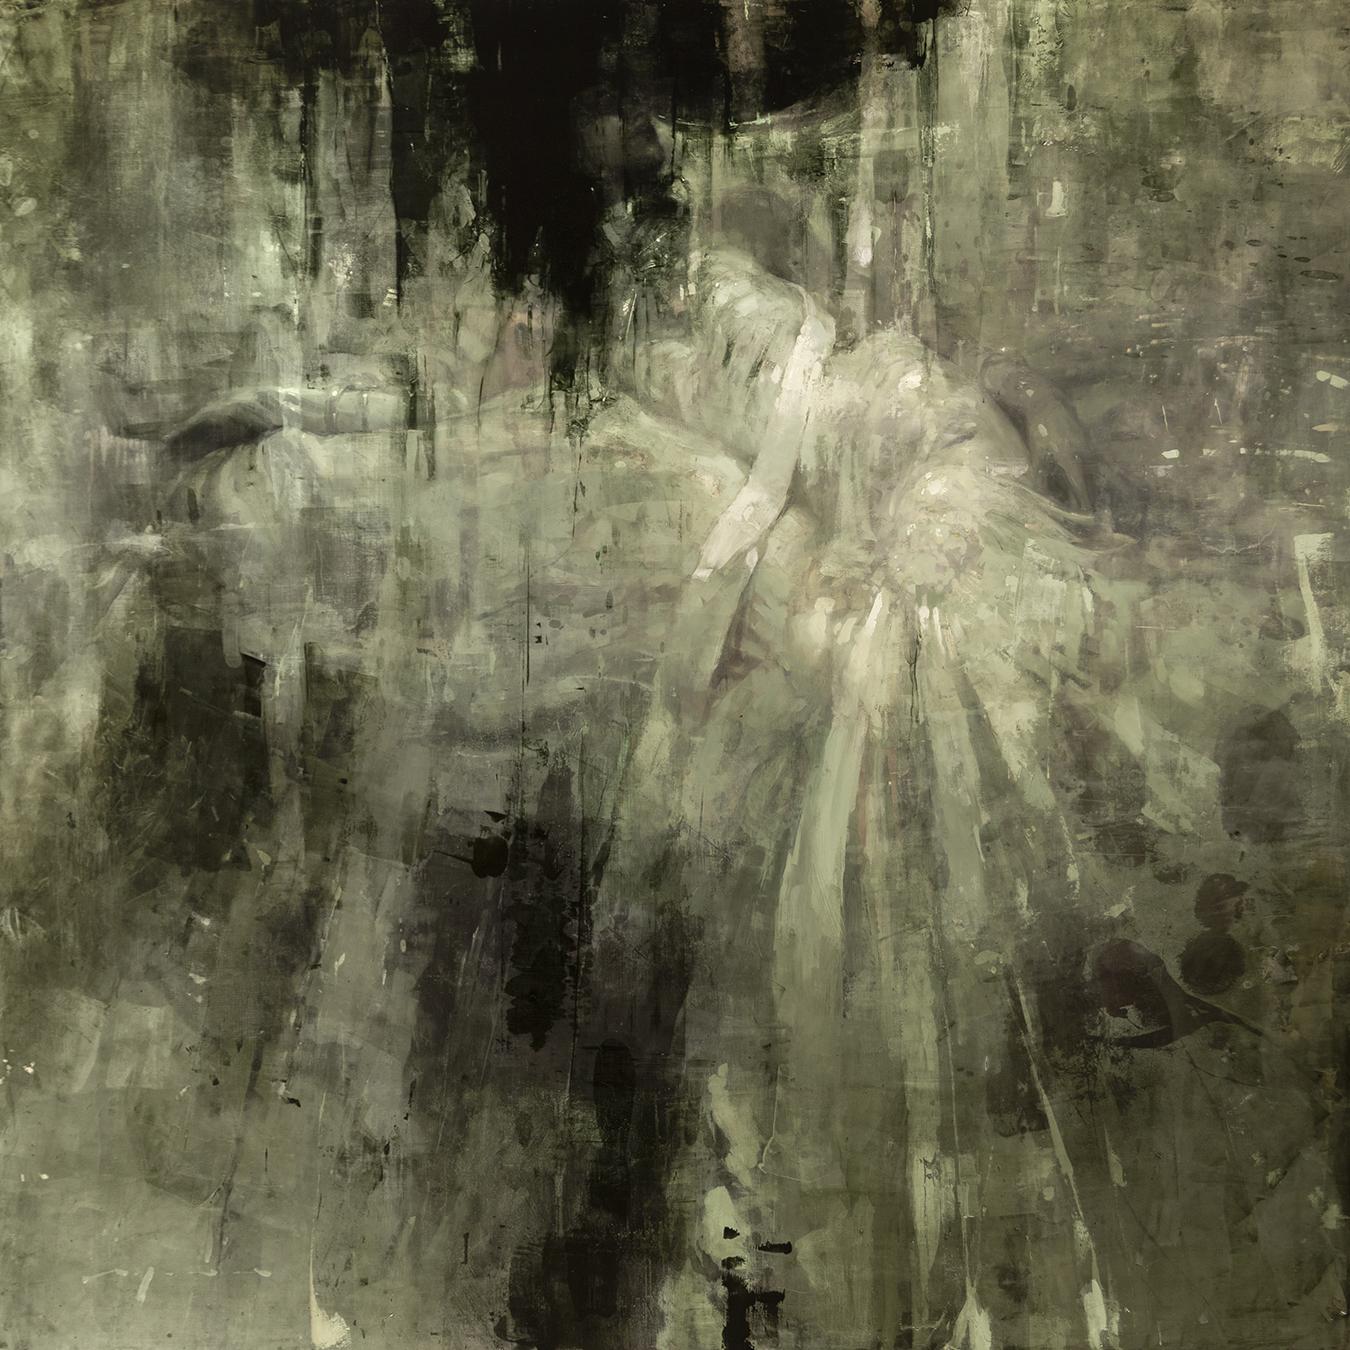 """""""Oblivia Ferma"""" - 48 x 48 in. - Oil on Panel - March 2019"""